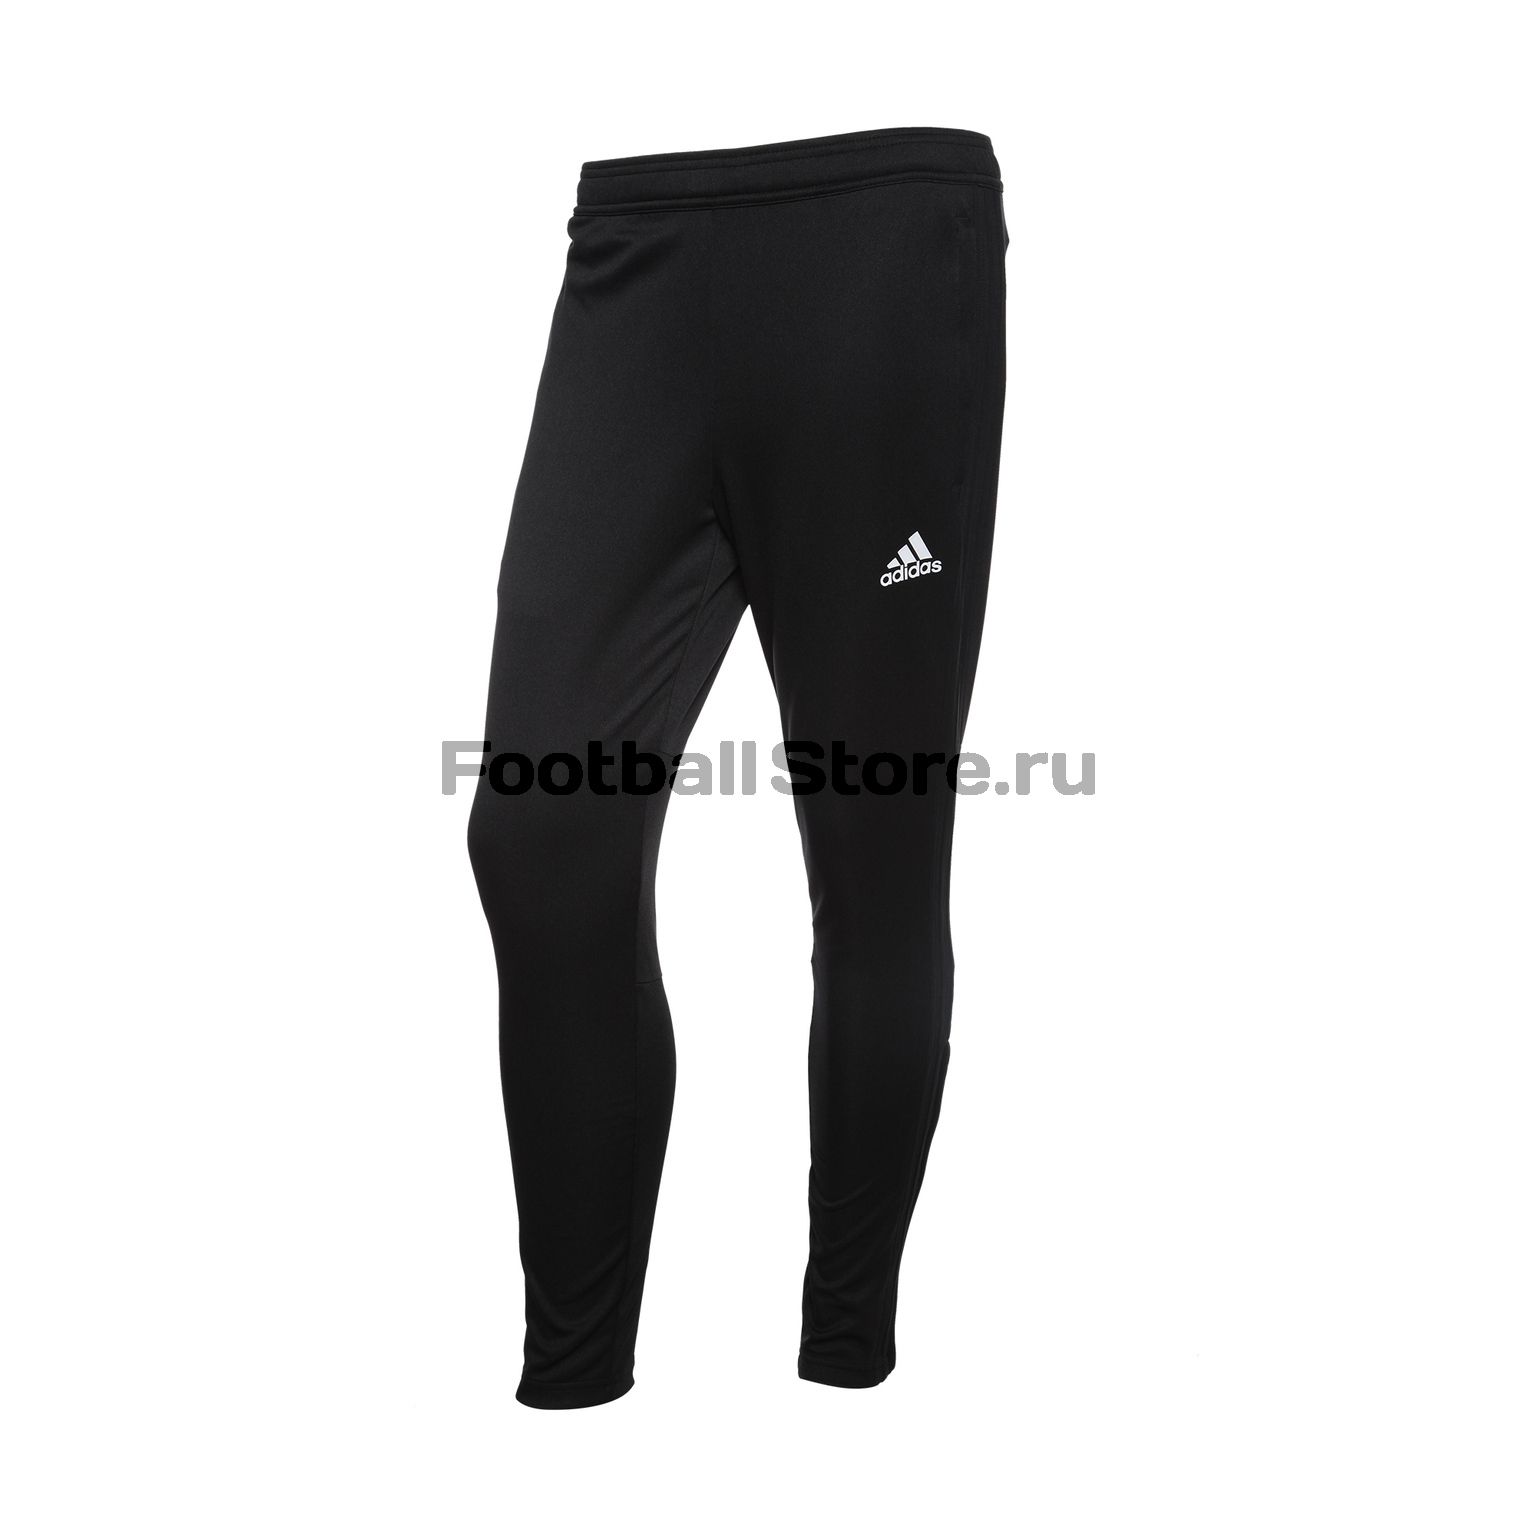 Брюки Adidas Con18 TR Pnt BS0526 брюки adidas брюки тренировочные adidas tiro17 rn pnt ay2896